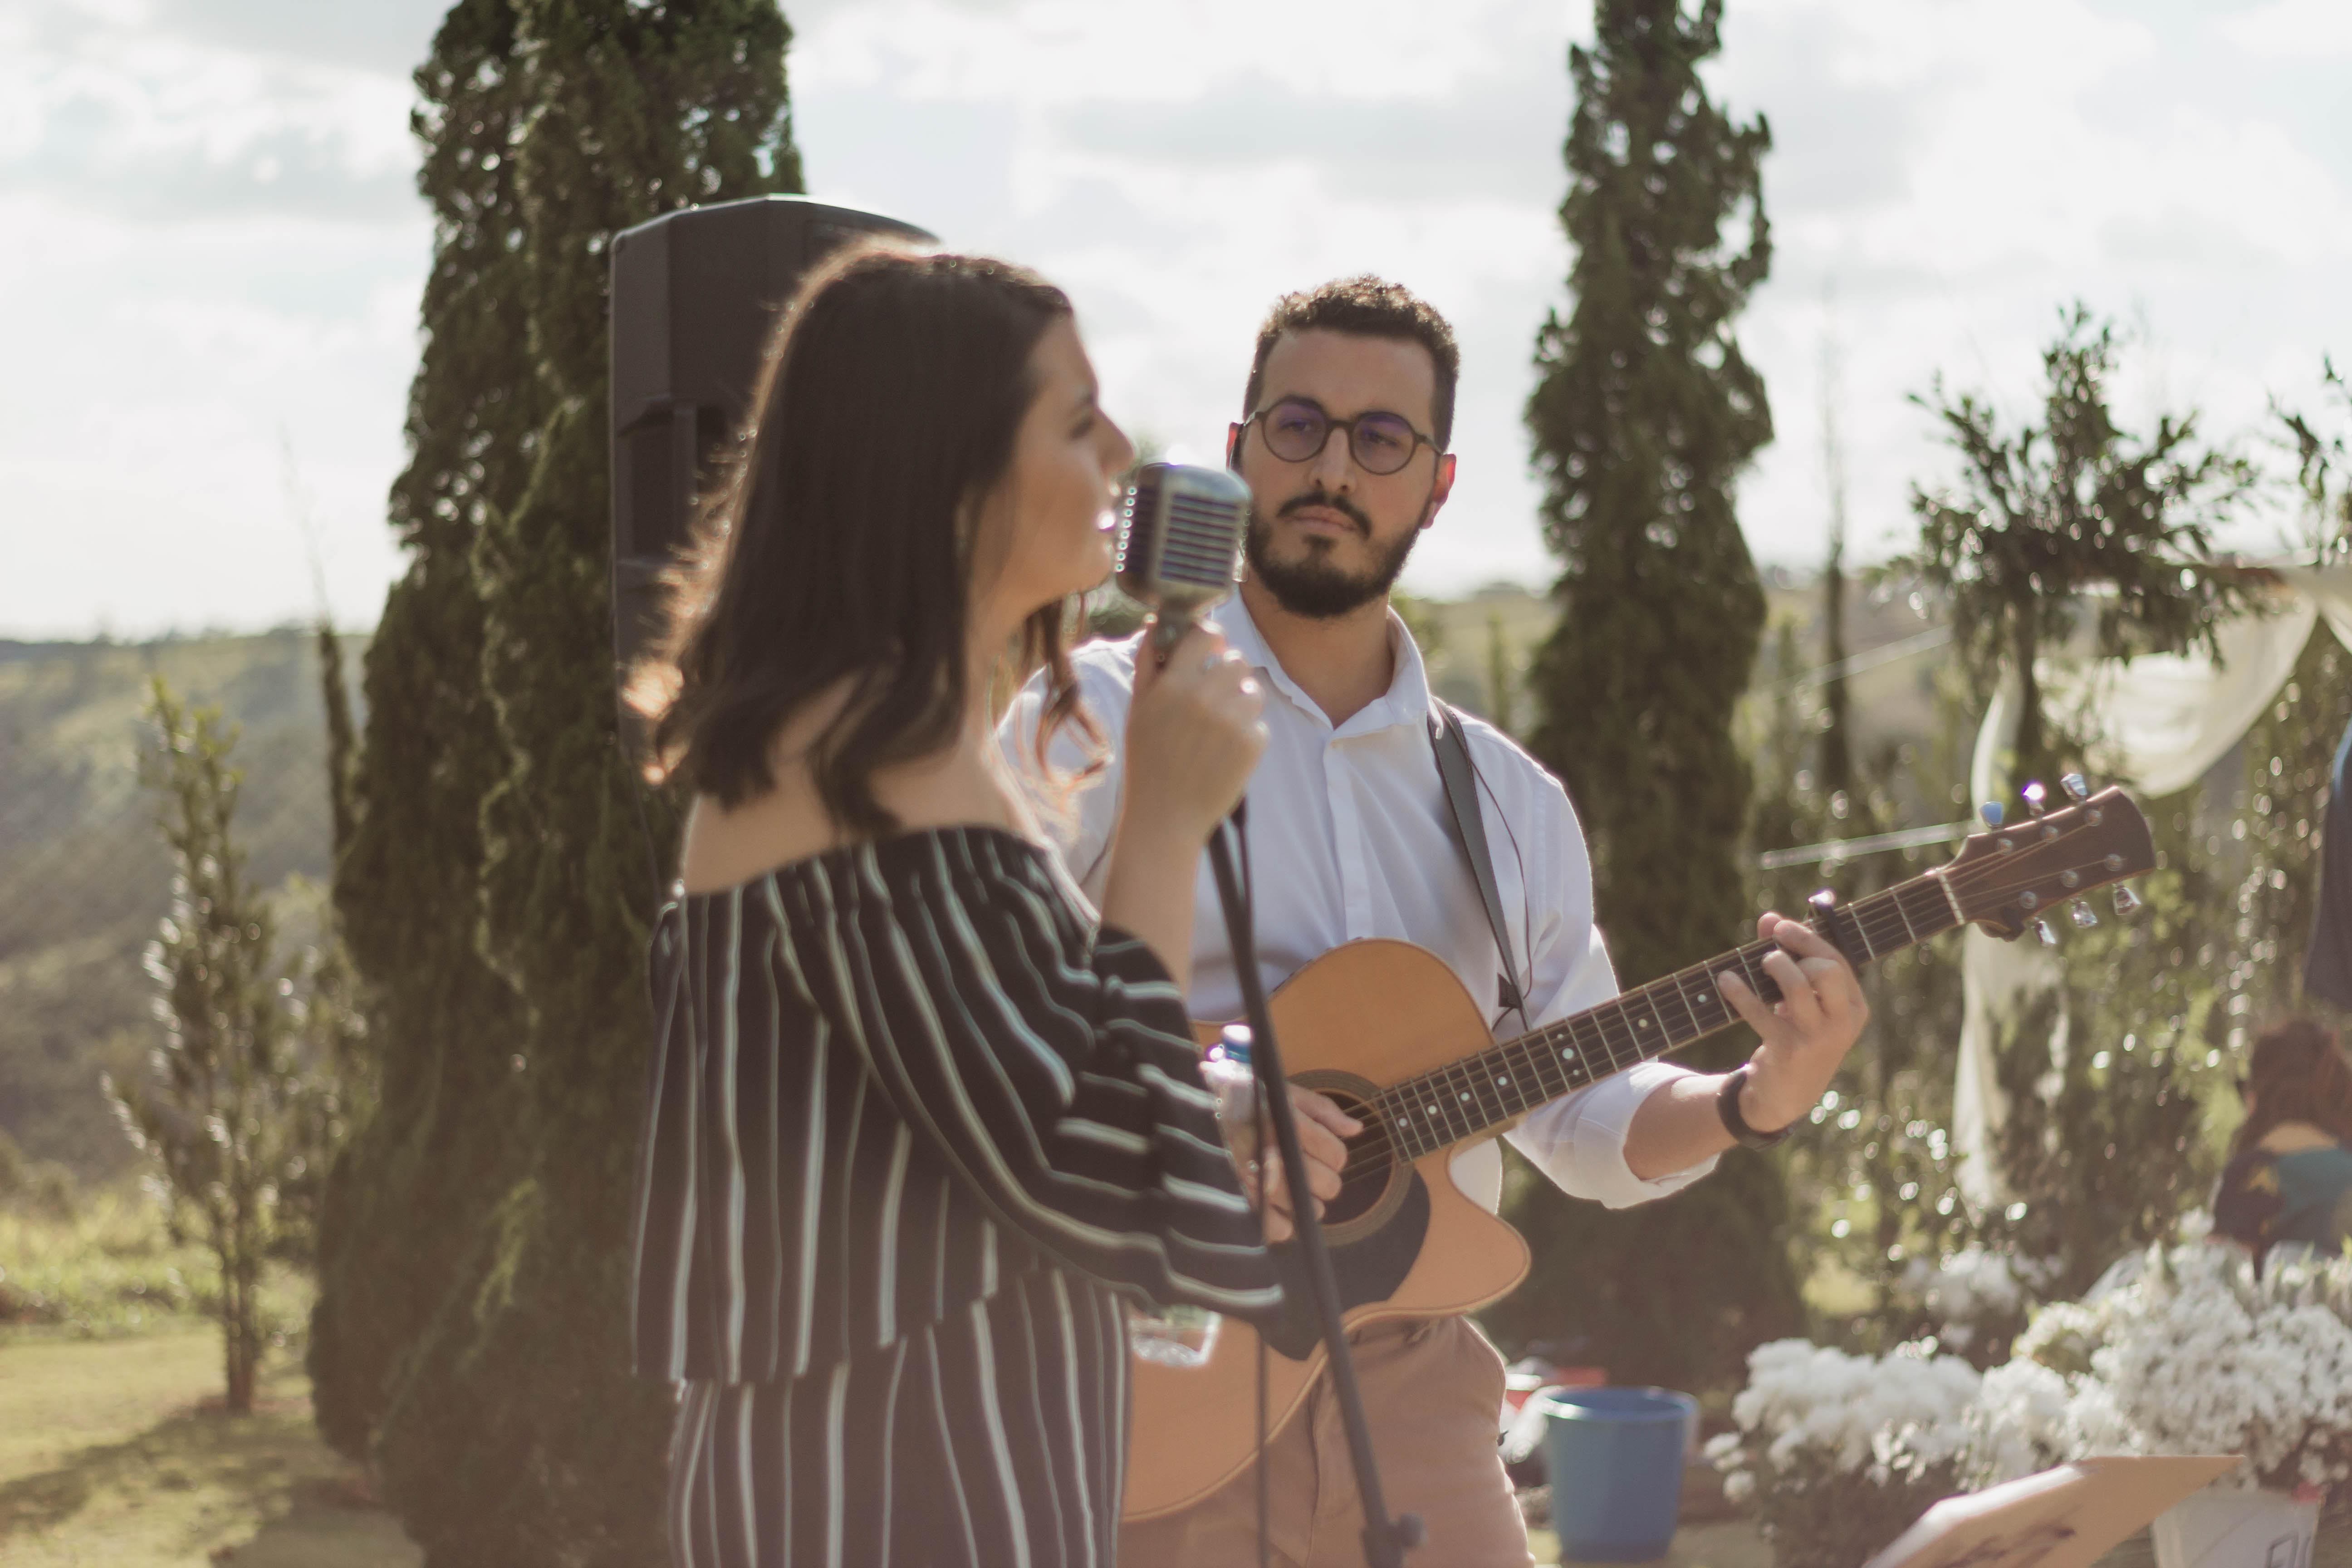 Casamento Driely e Cantídio Voz e Violão - 3